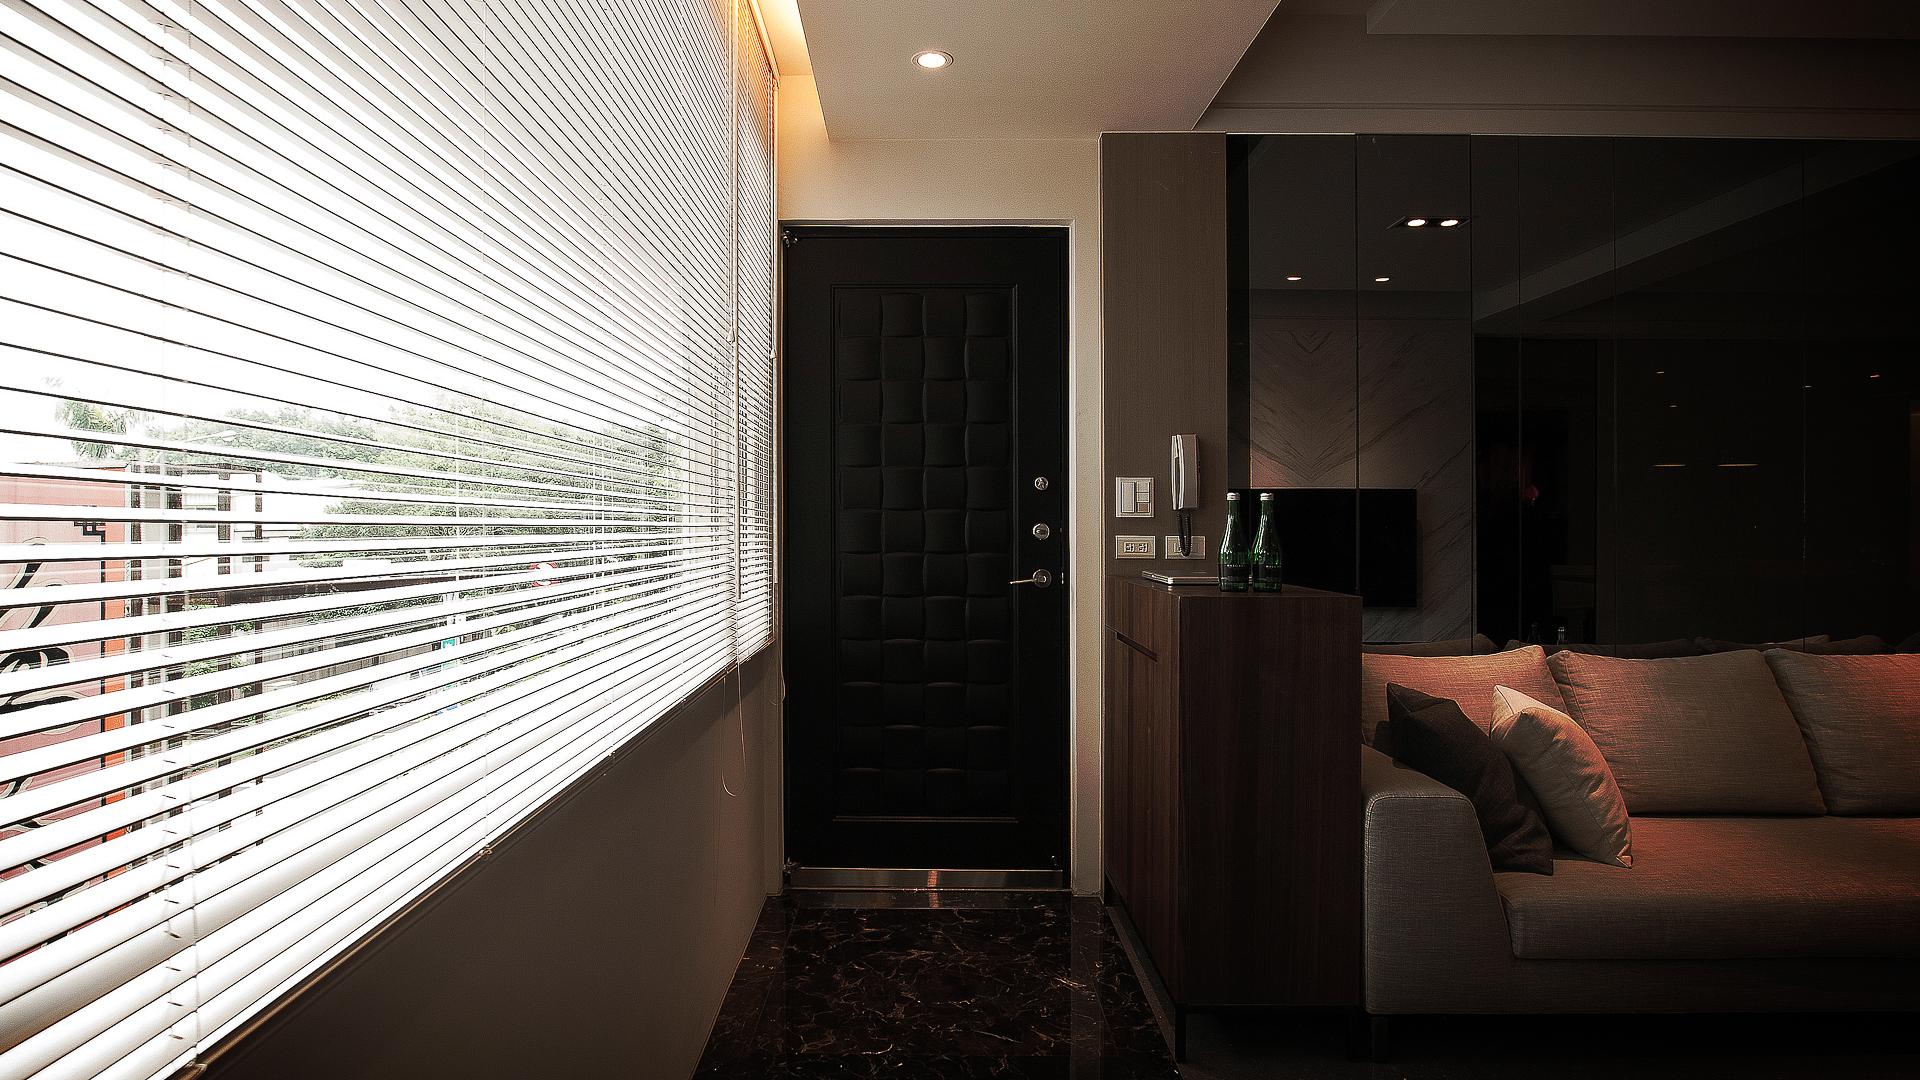 0011_室內設計師推薦風格自然人文風Jia style